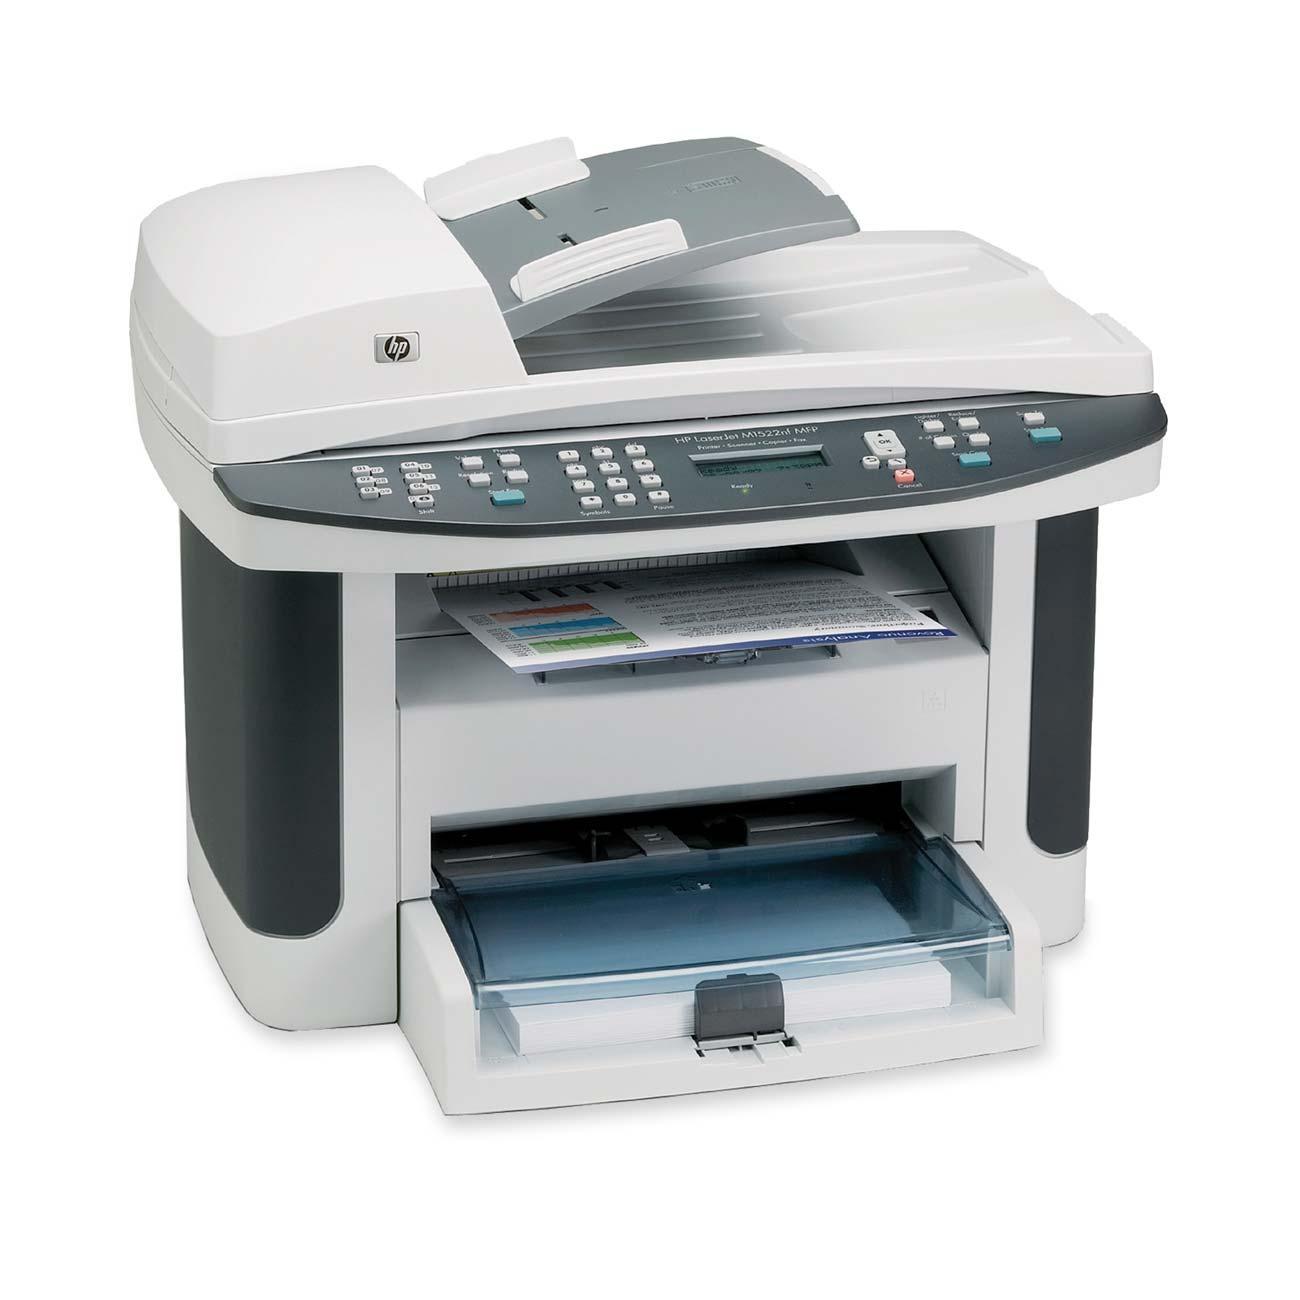 HP LaserJet M1522NF Multifunction Printer - Monochrome - 23 ppm Mono - 600 x 600 dpi - Fax, Copier, Scanner, Printer 0